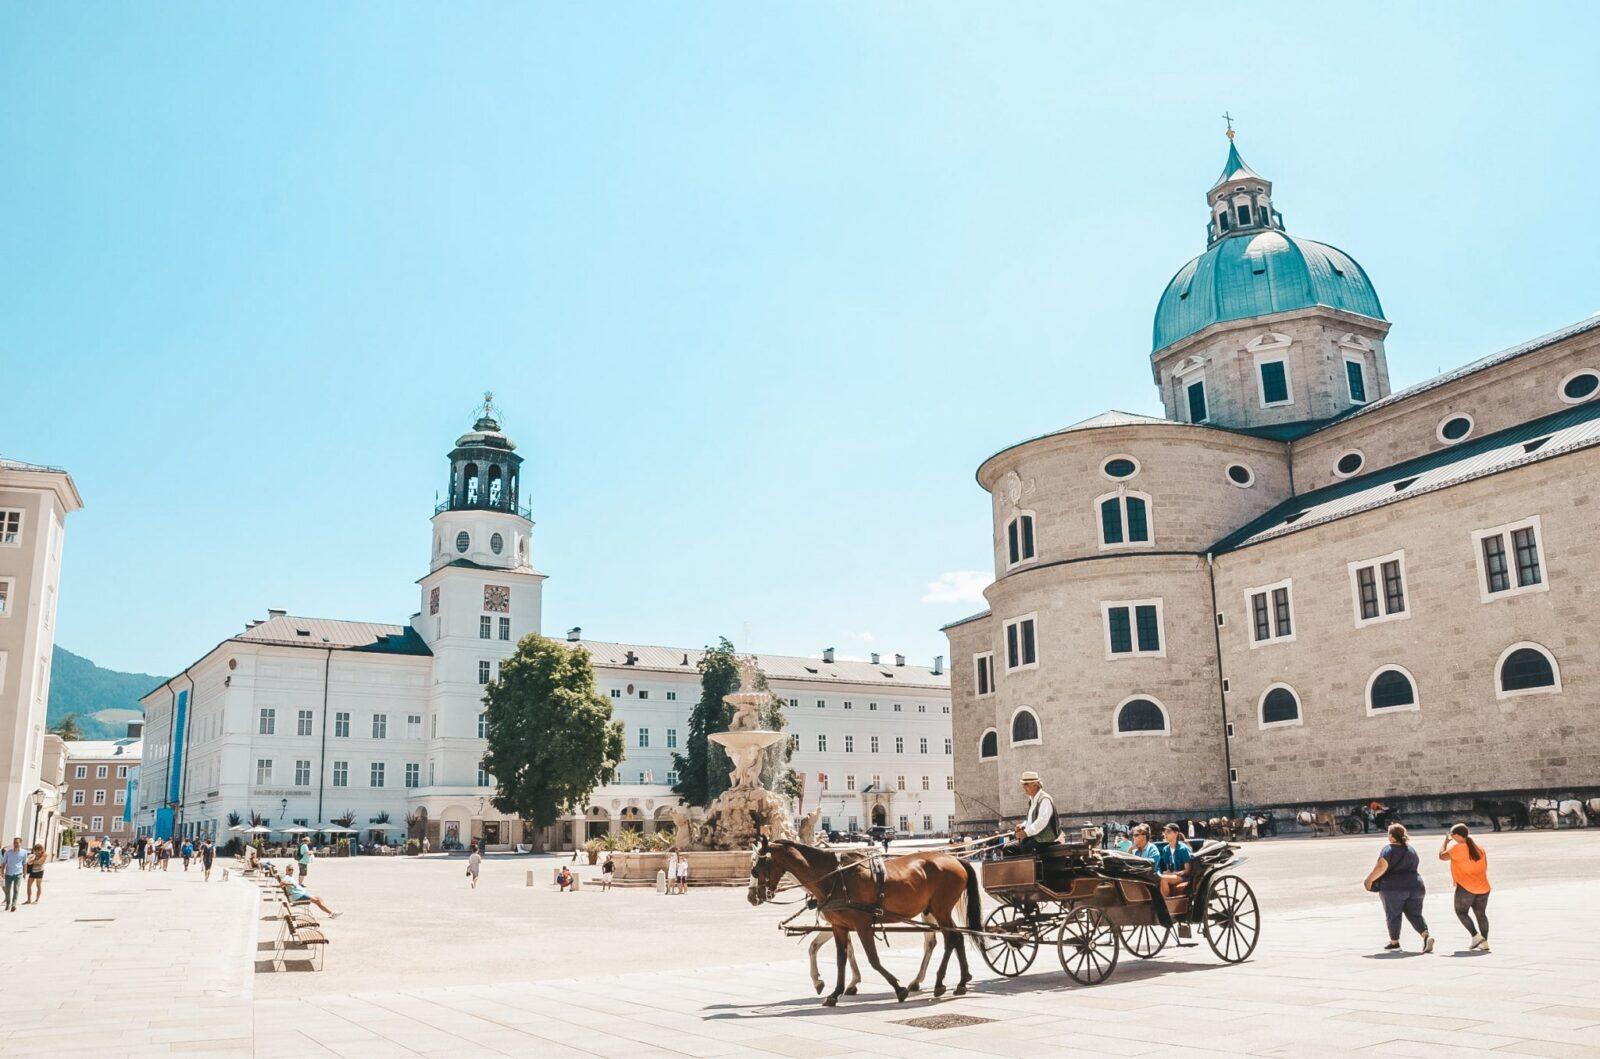 Salzburg -10 rzeczy, które musisz zrobić w mieście Mozarta